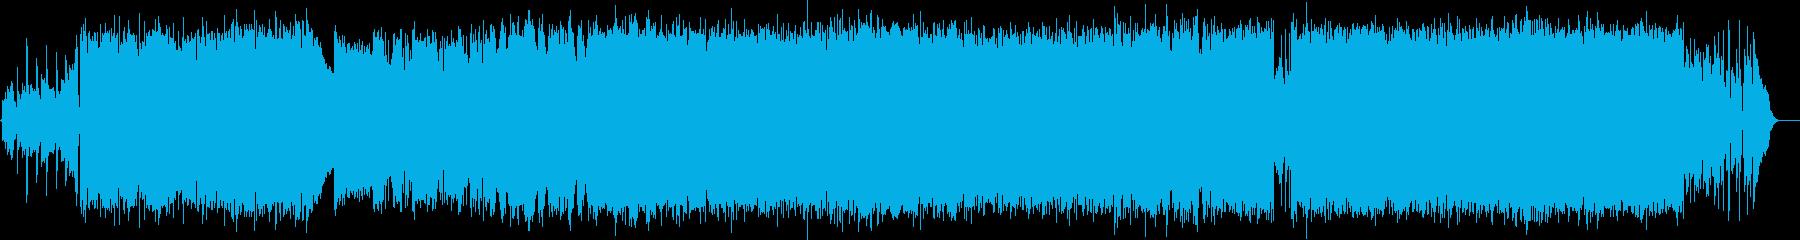 氷針(哀愁漂うガールズバラードロック)の再生済みの波形